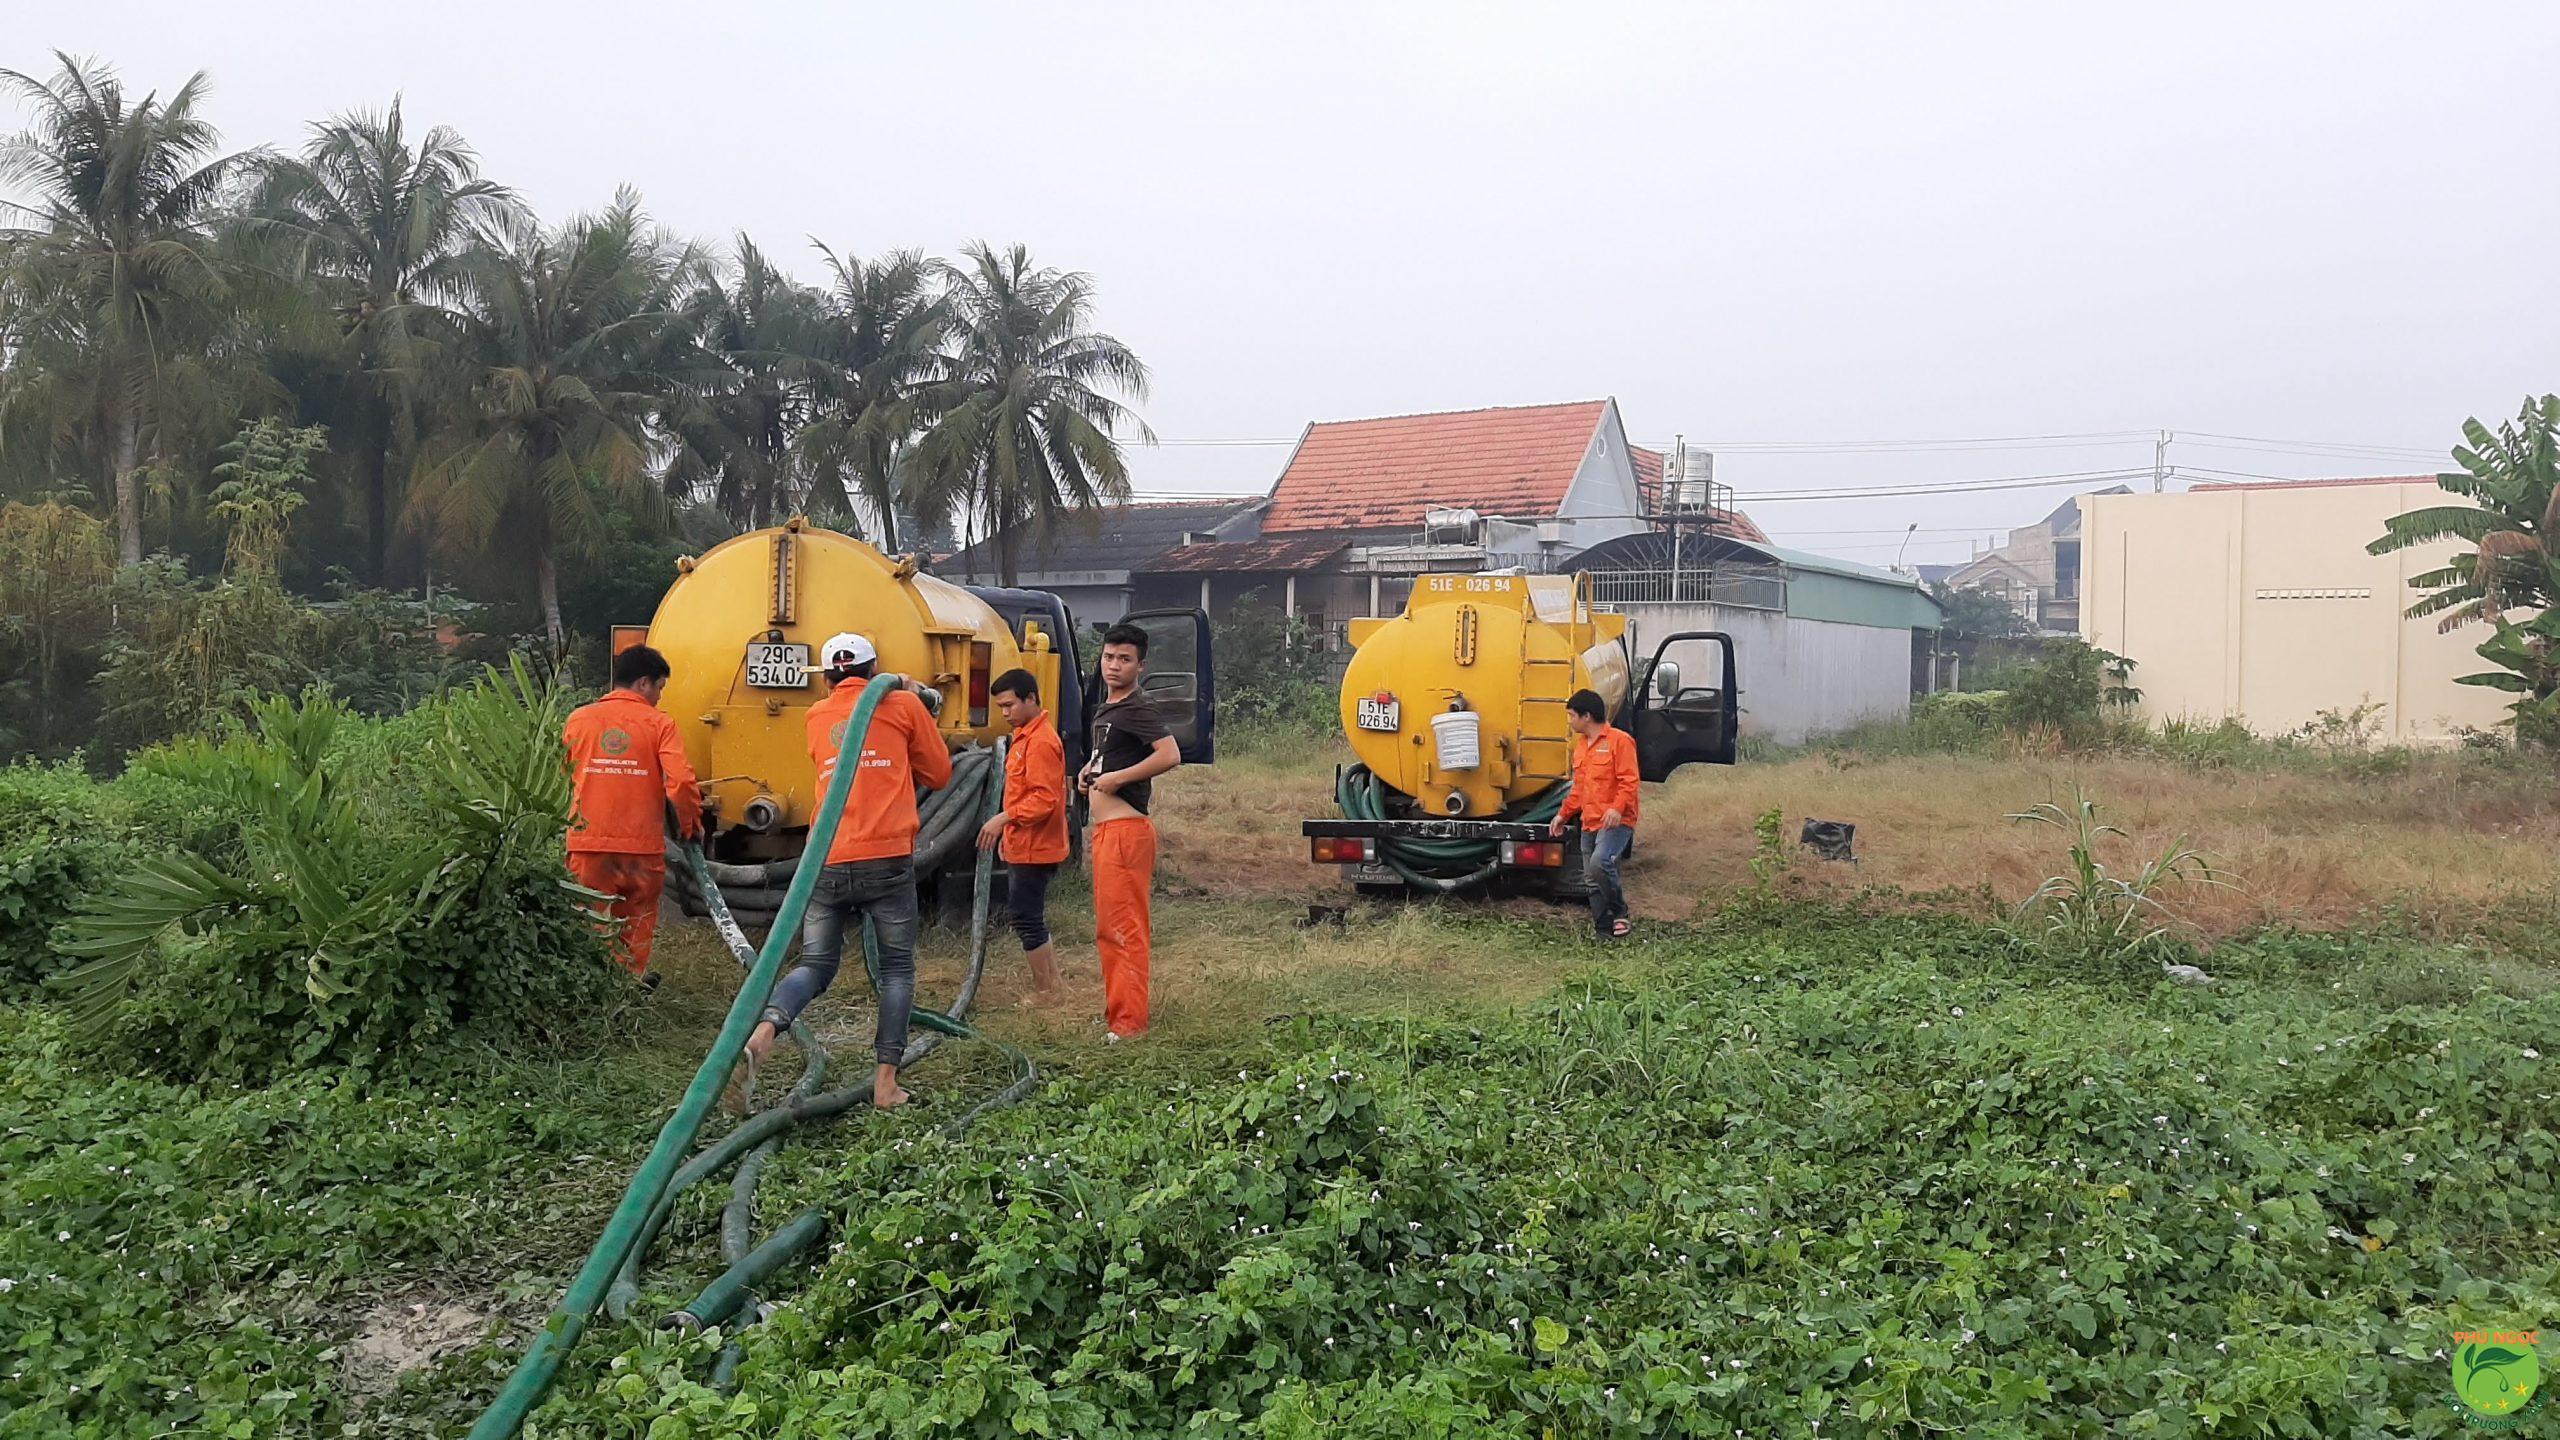 Nhật Quang là đơn vị hút bùn kênh rạch uy tín, chuyên nghiệp